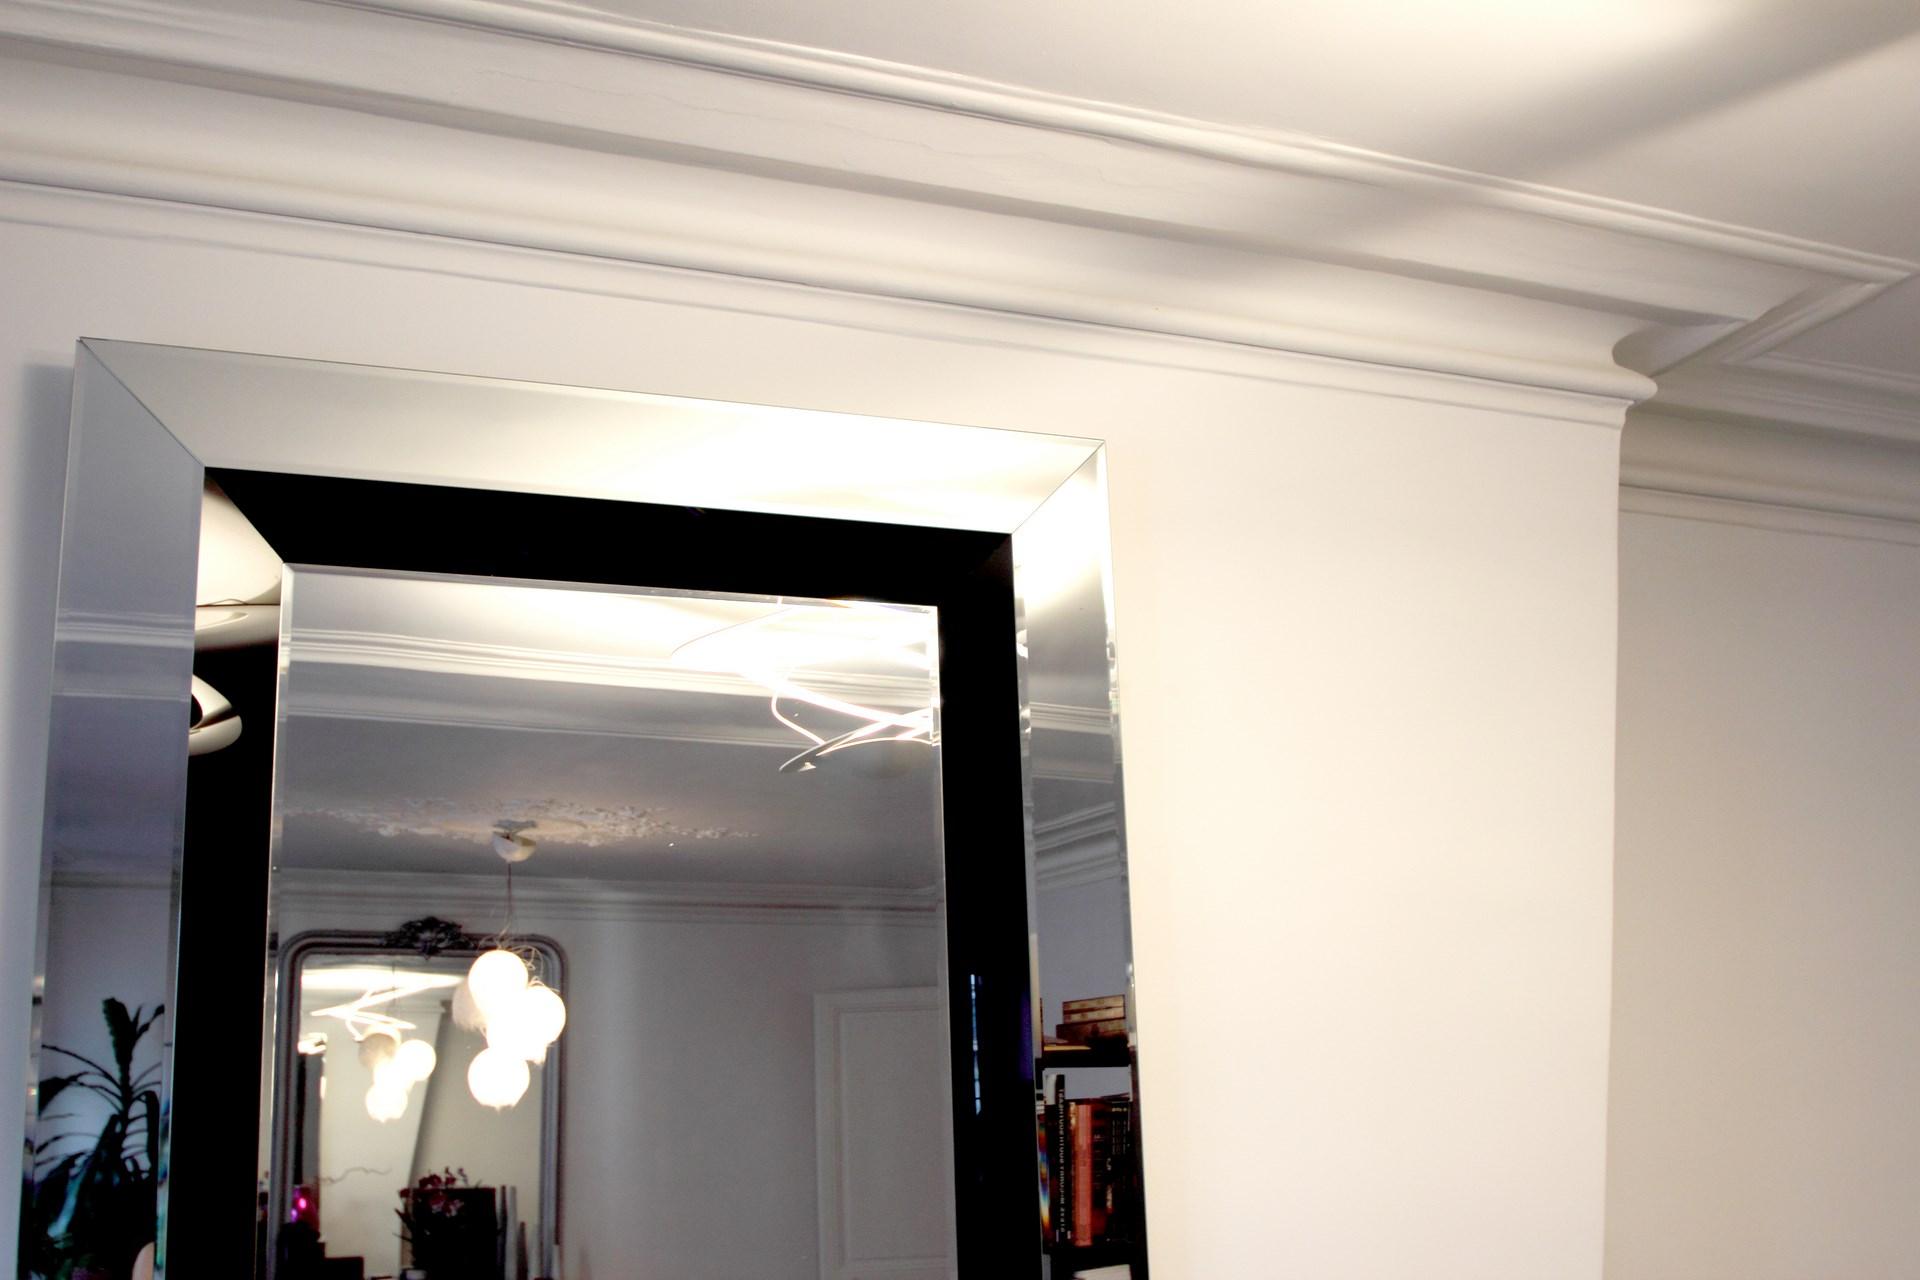 architecte paris republique renovation miroir jeu de lumiere agence avous